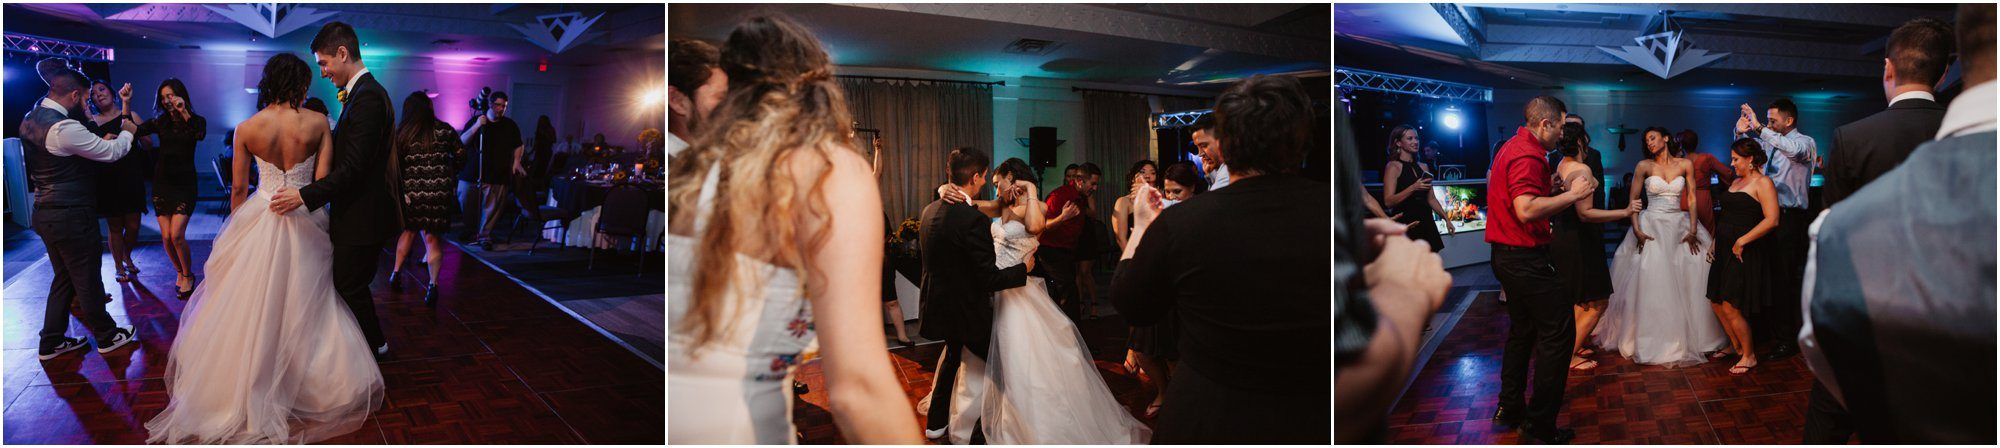 0083albuquerque-wedding-photographer_-santa-fe-wedding-photography_blue-rose-studio